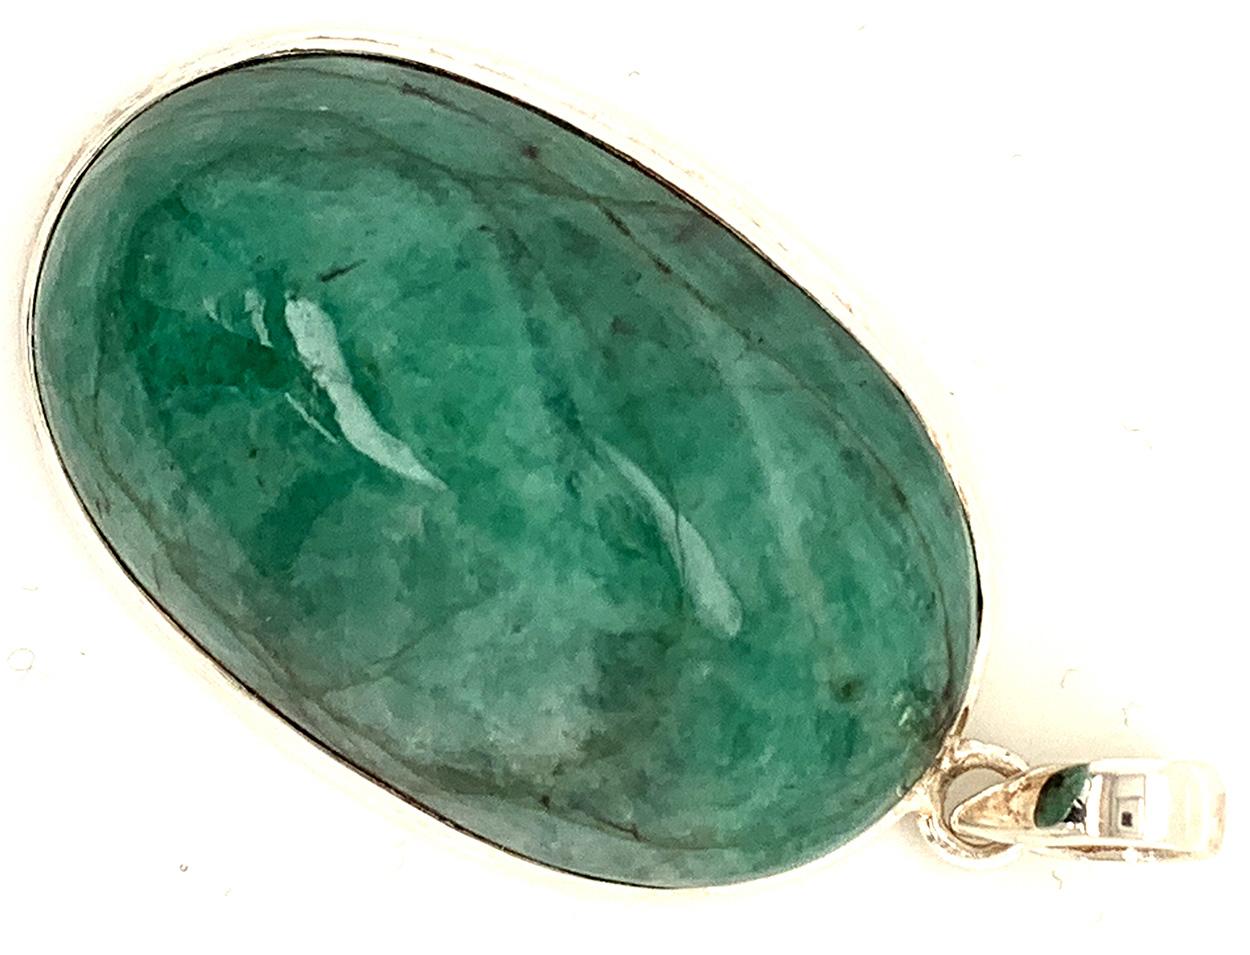 Härte 7.5-8 auf der Mohs Härteskala. Die Bilder zeigen den original Stein mit Anhänger, welchen Sie von uns nach dem Kauf erhalten werden.